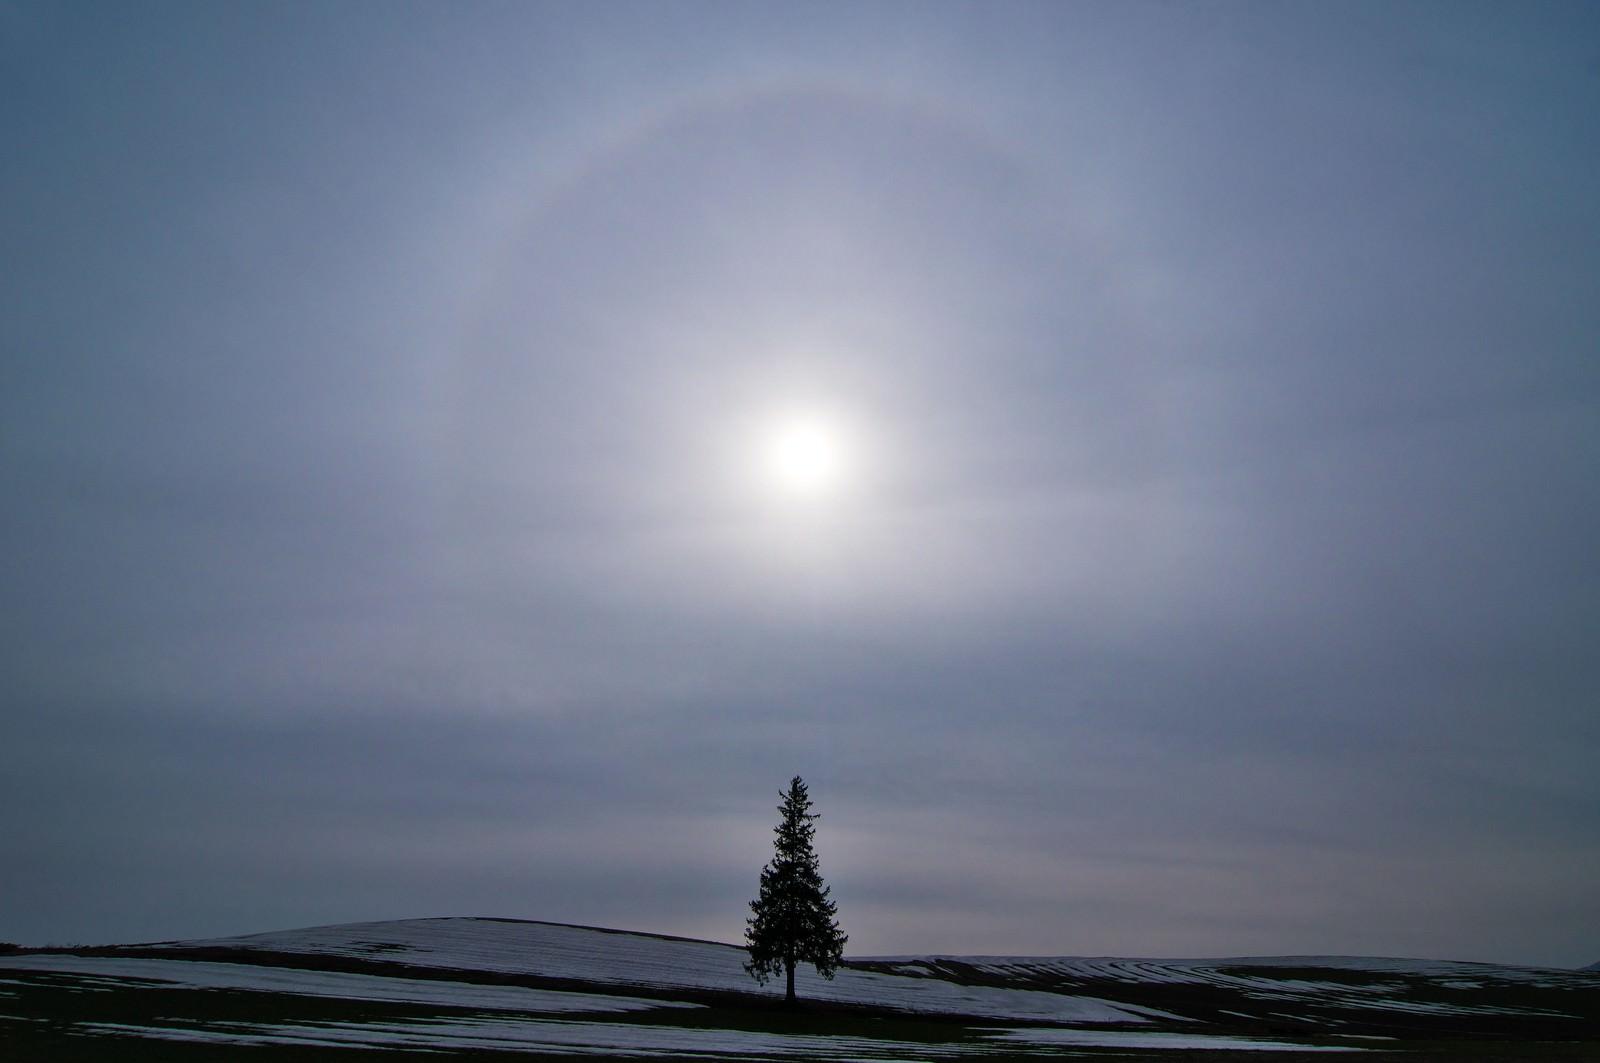 「美しい自然現象「日輪」と美瑛の一本の木美しい自然現象「日輪」と美瑛の一本の木」のフリー写真素材を拡大